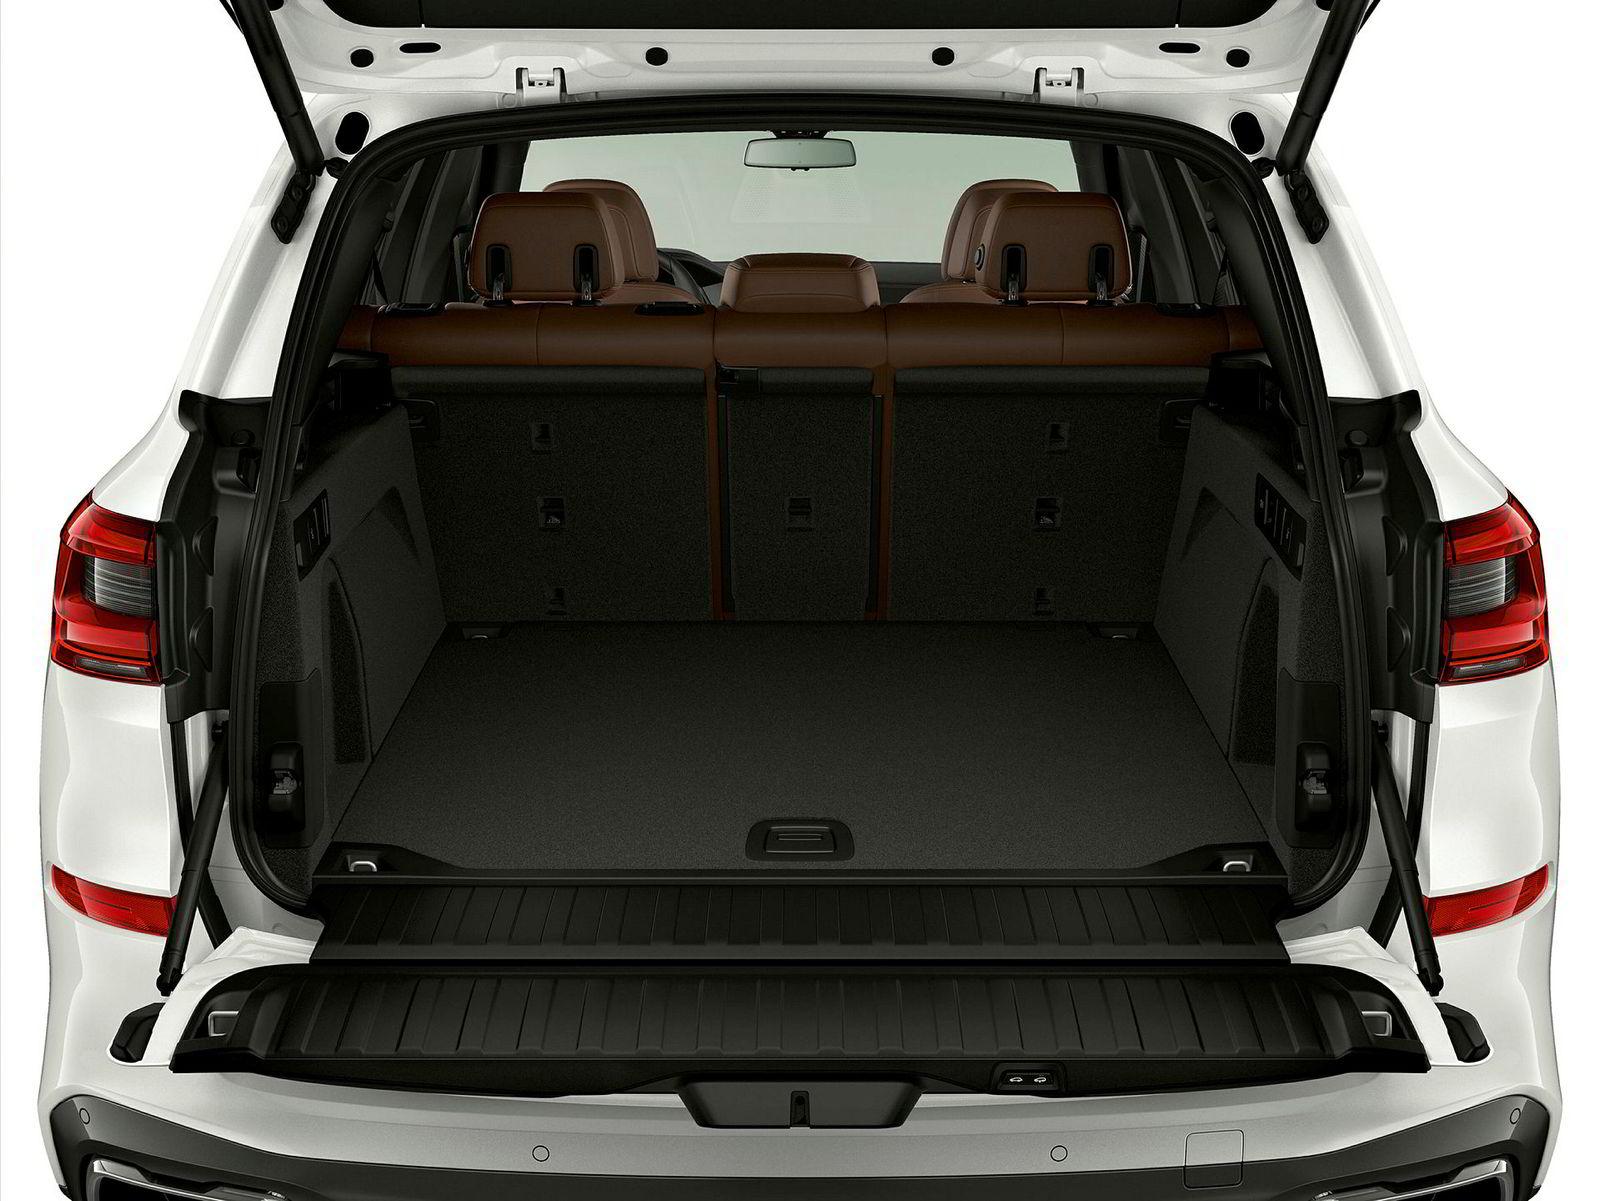 Bagasjerommet tar 500 liter, som er 150 liter mindre enn bilene som ikke er hybrider. Legg ned baksetet så er det plass til 1716 liter.